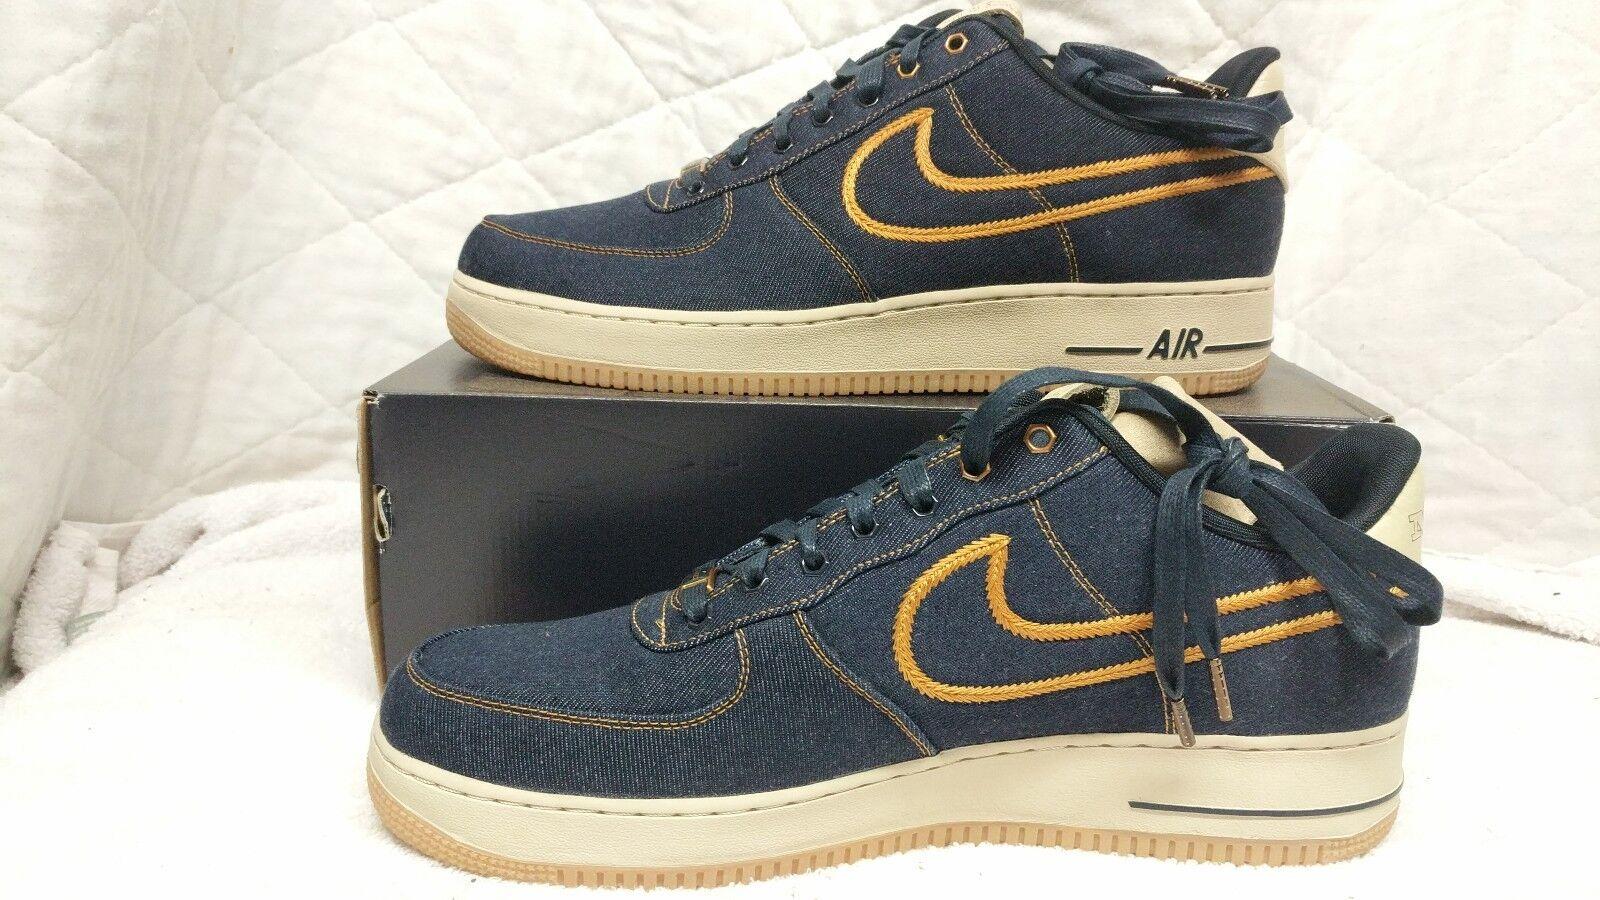 Gli force uomini sono nike air force Gli 1 basso premio jeans scarpe - volume 13 - 318775-404 0cc65d